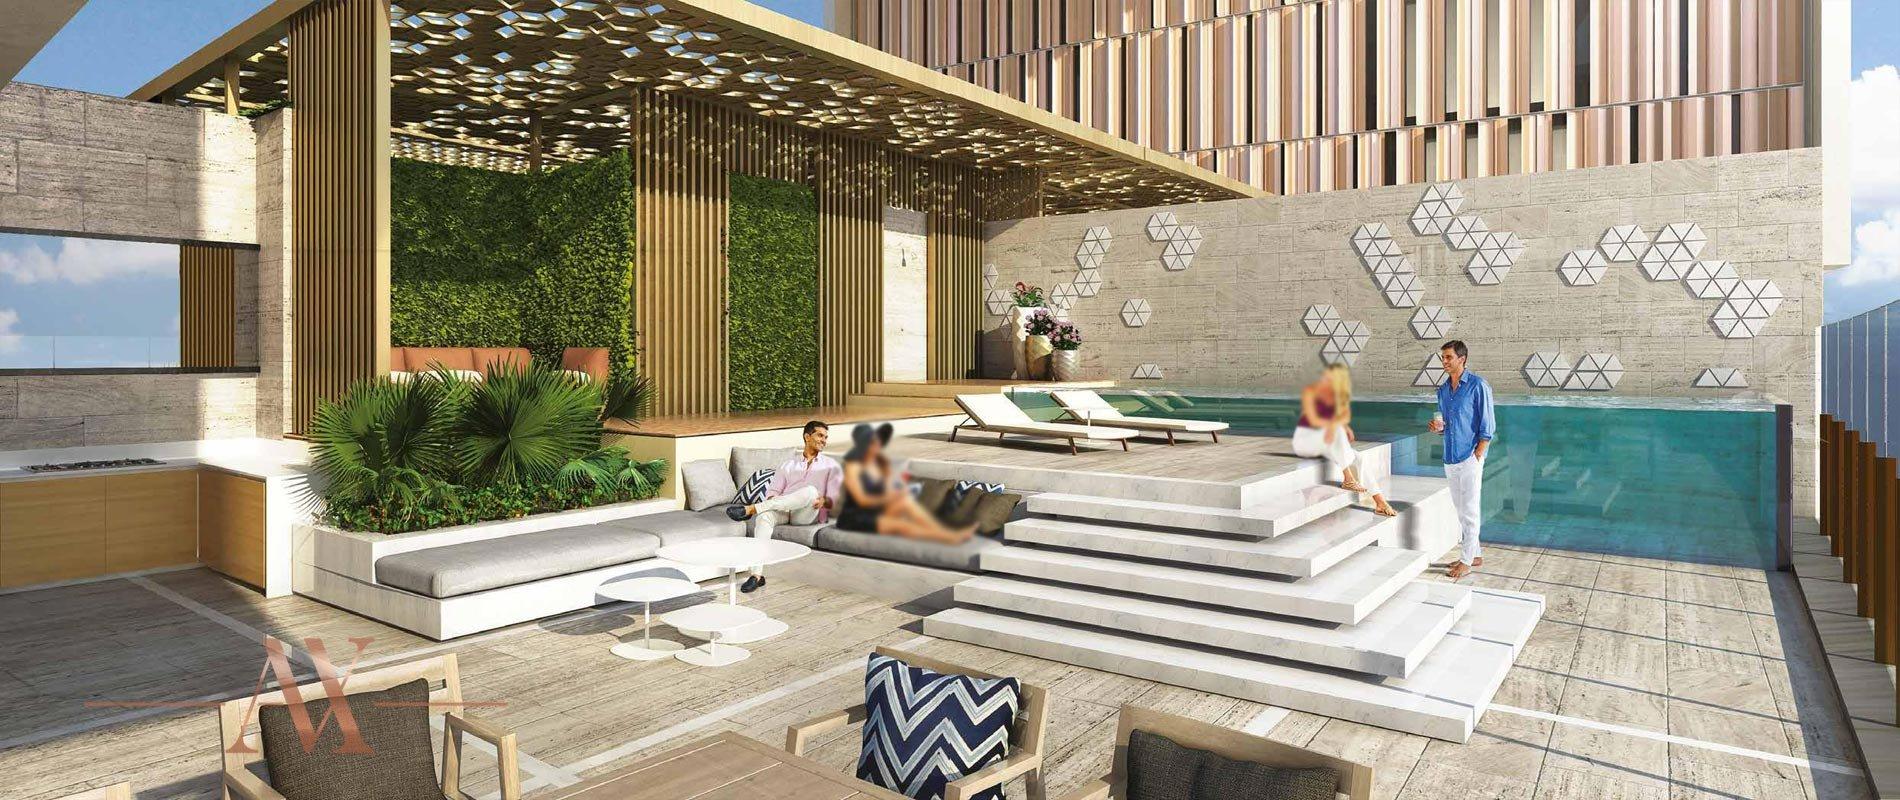 ROYAL ATLANTIS RESORT & RESIDENCES, Palm Jumeirah, Dubai, UAE – photo 8